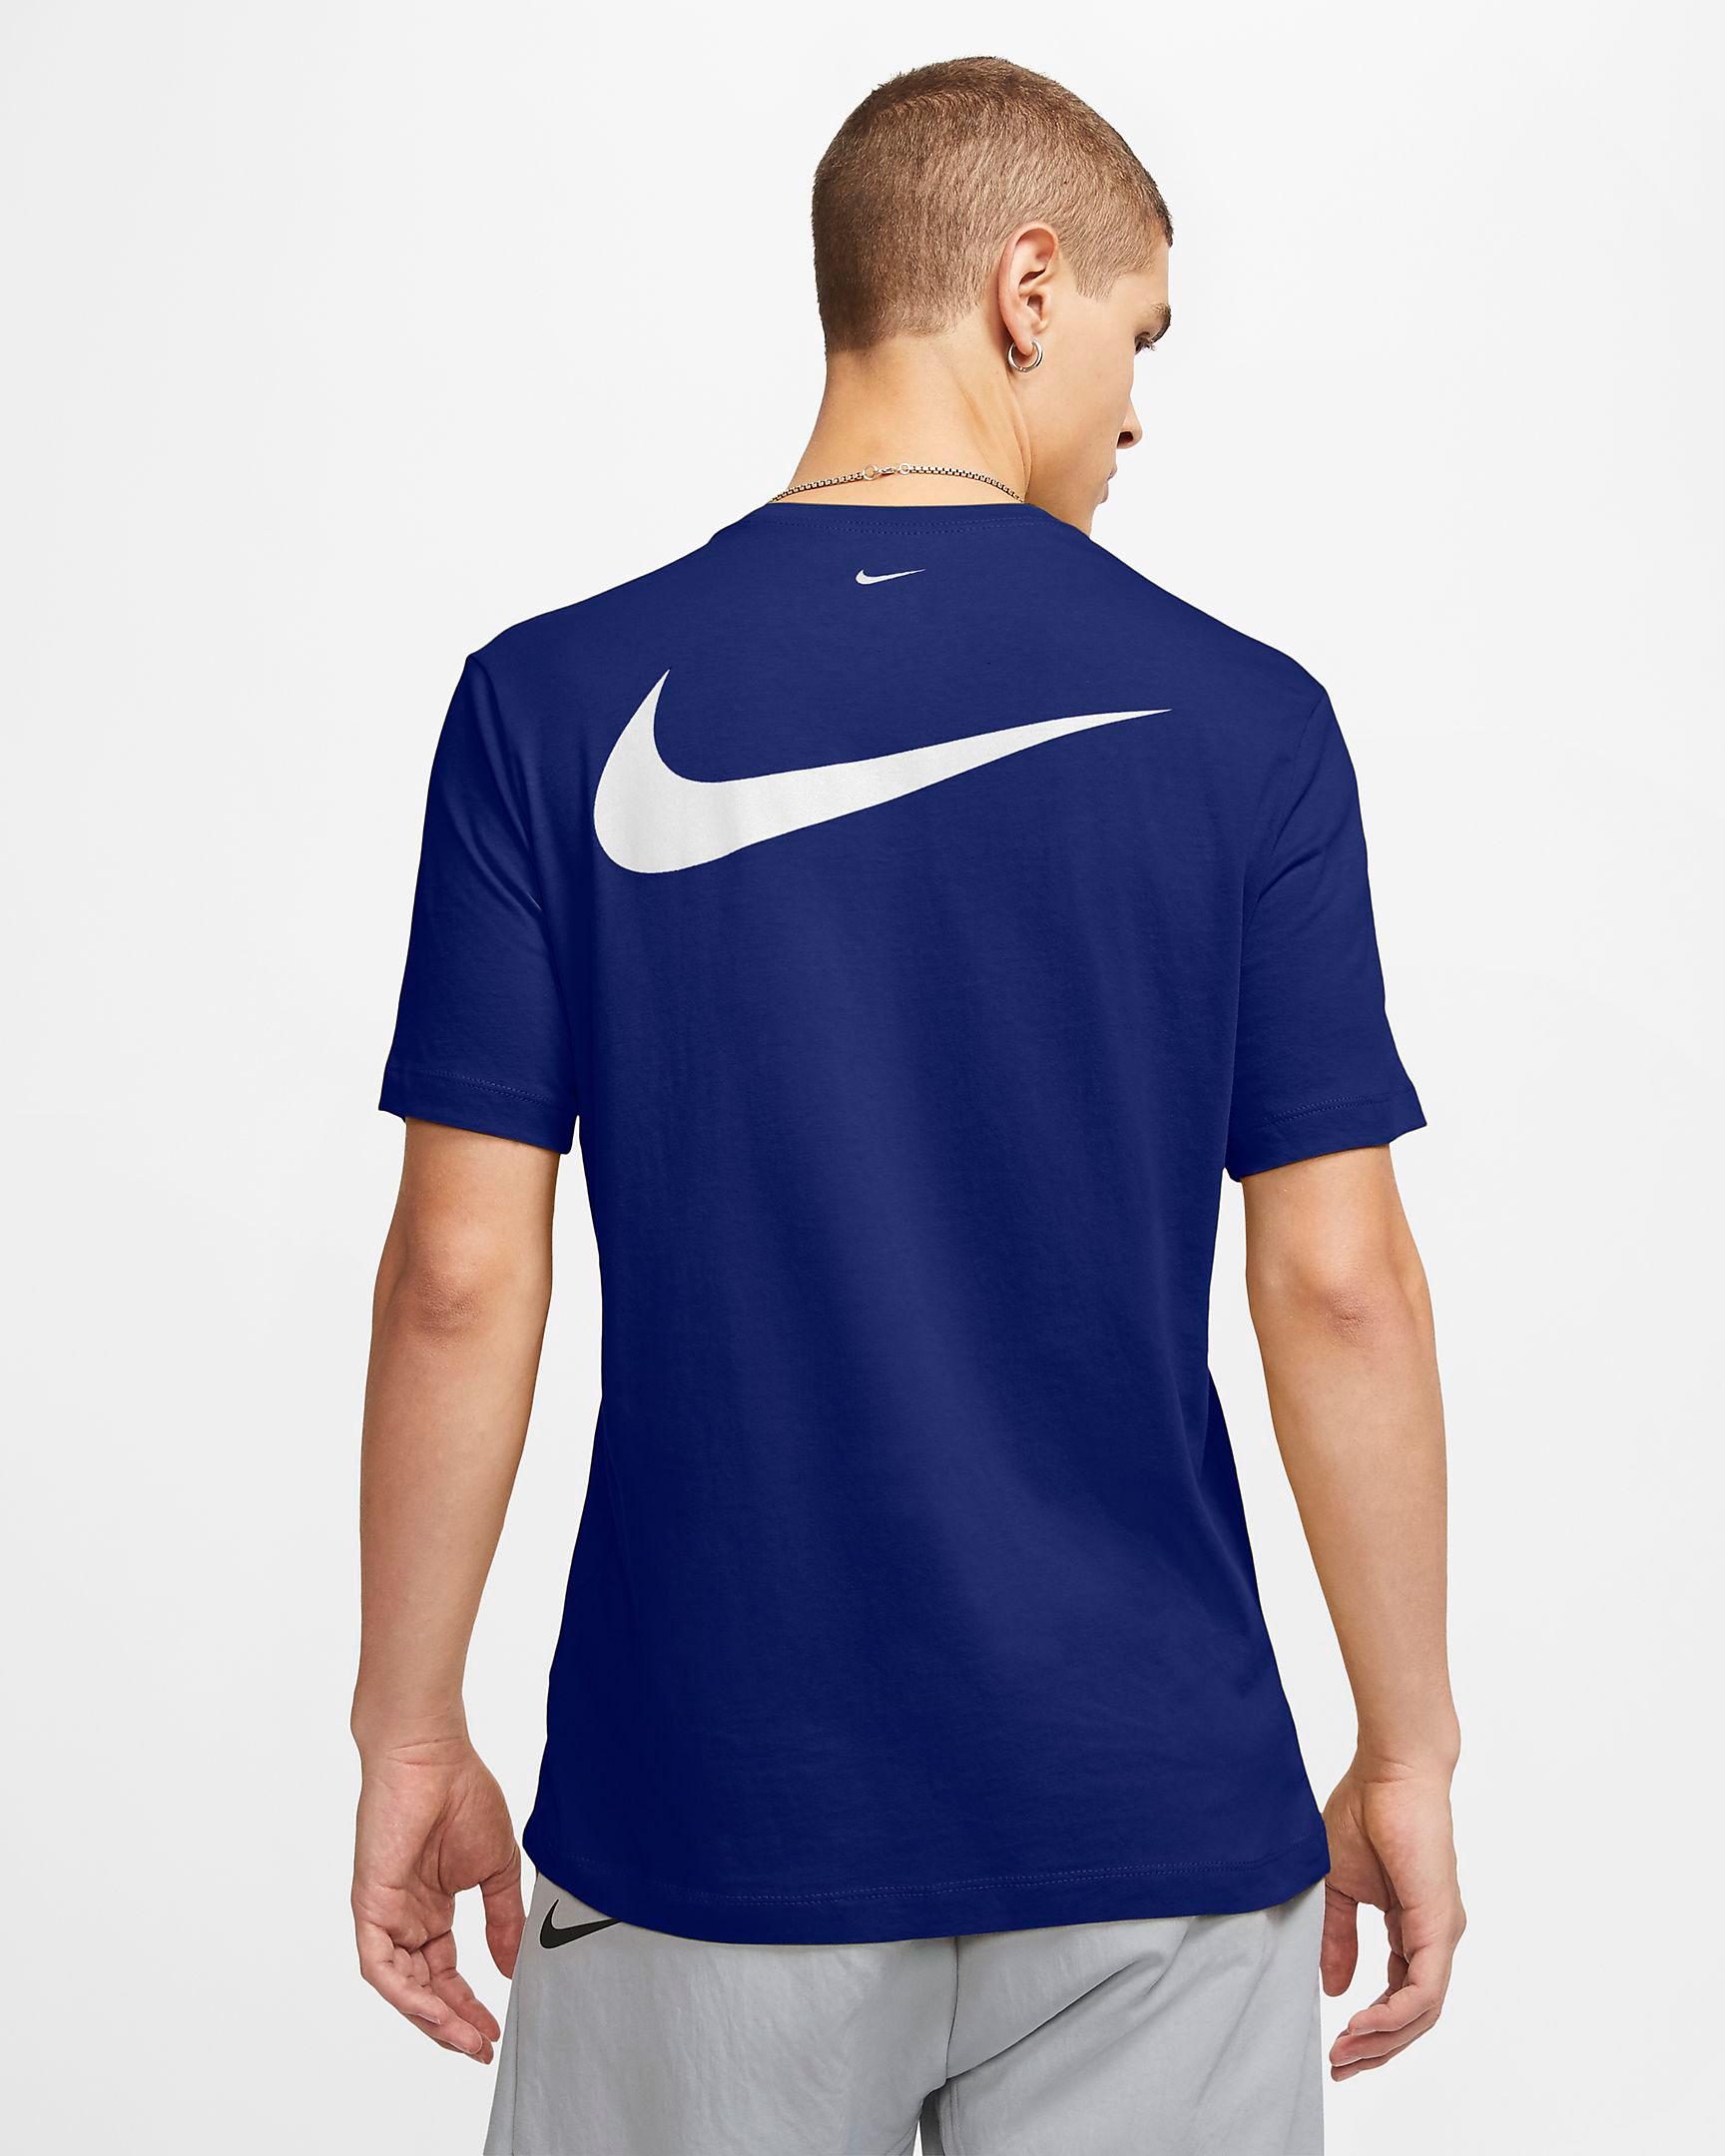 jordan-13-flint-navy-nike-shirt-match-2